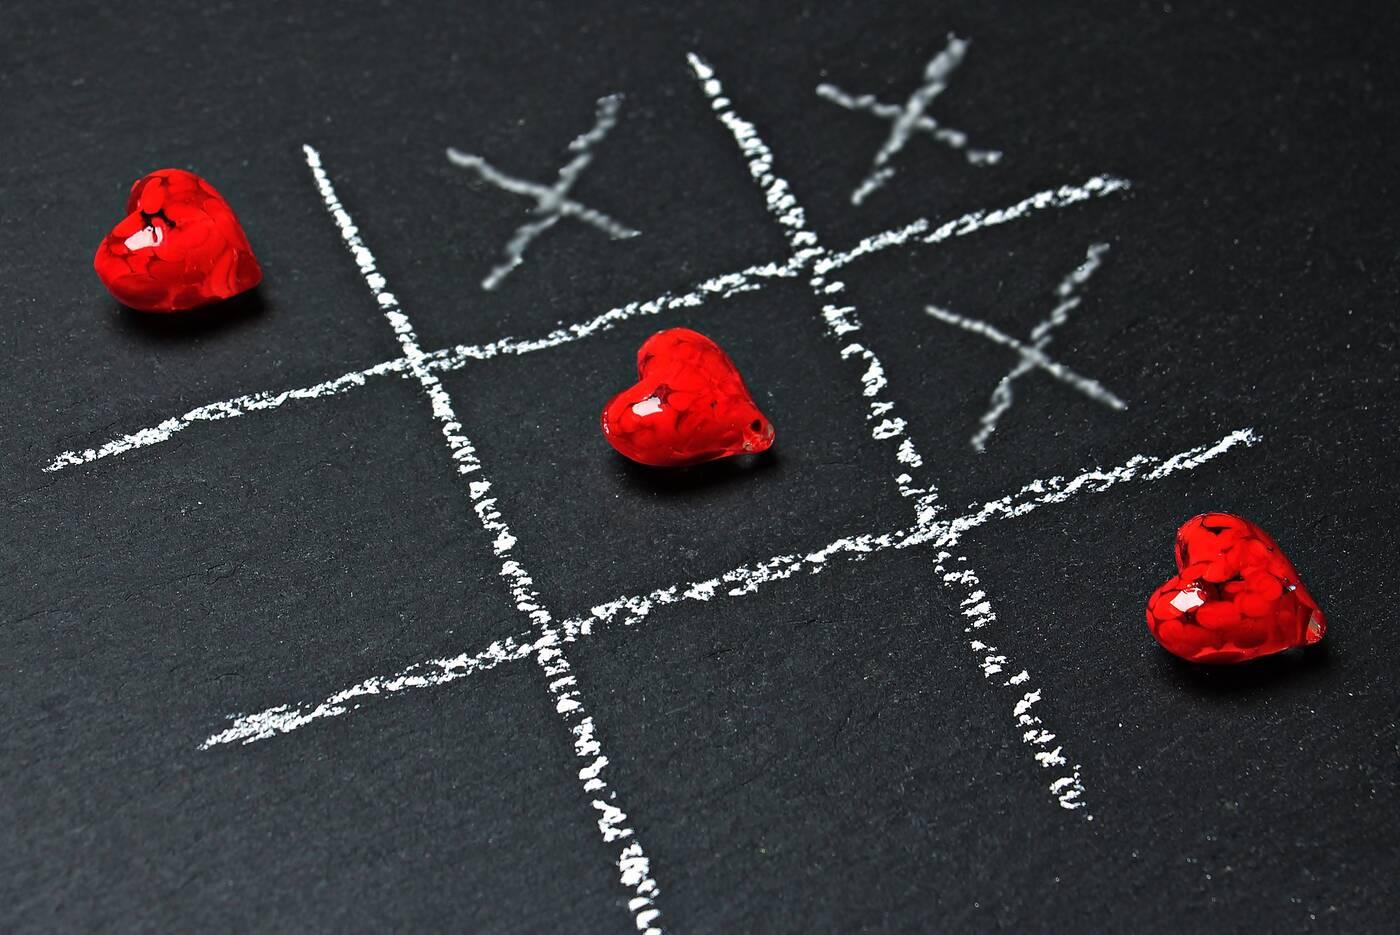 Badanie potwierdza związek pomiędzy początkiem demencji a nieprawidłowym rytmem serca